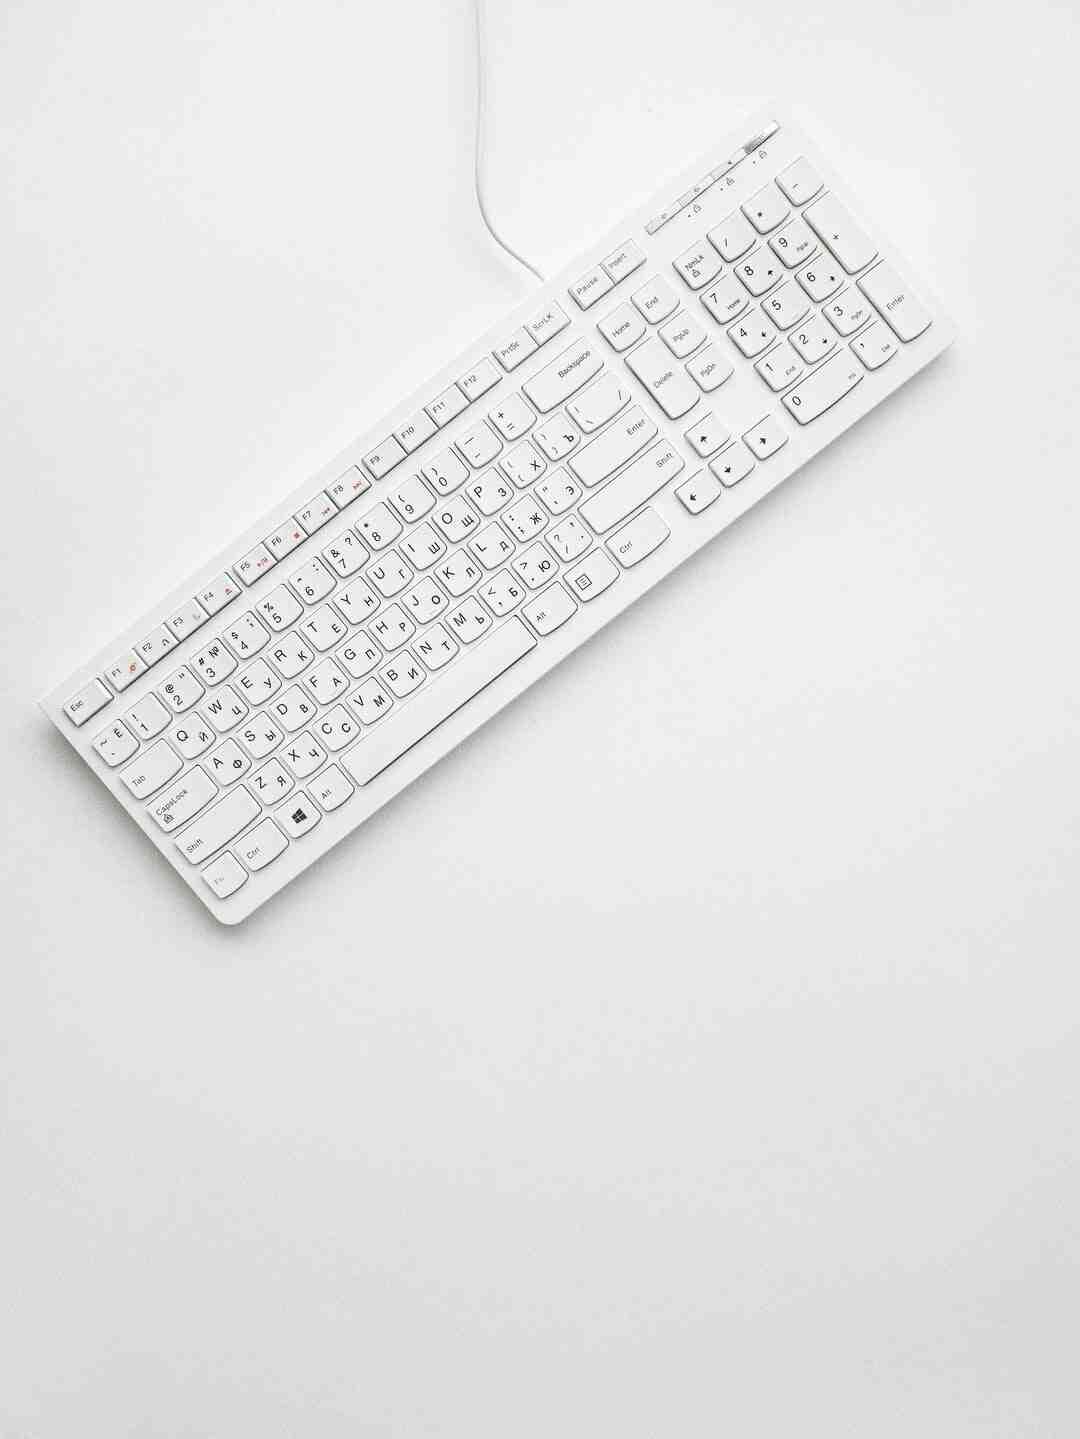 Comment réinitialiser les touches de mon clavier ?